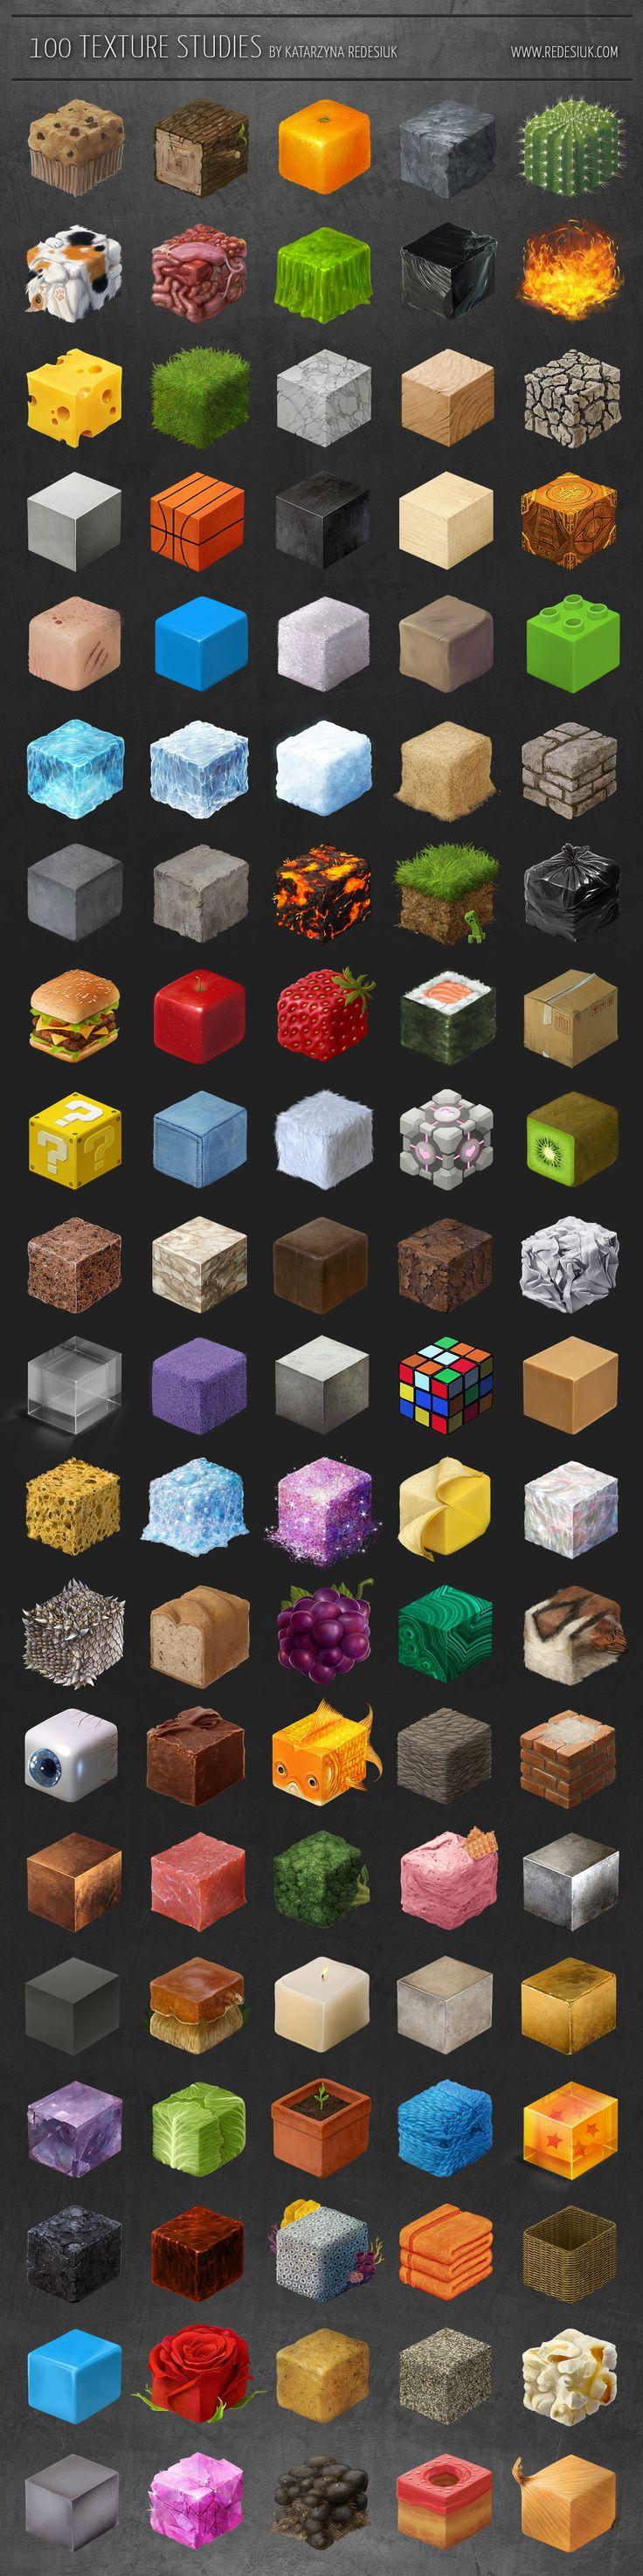 100_texture_studies_by_tanathe-d5yo9un.jpg (1000×4008)